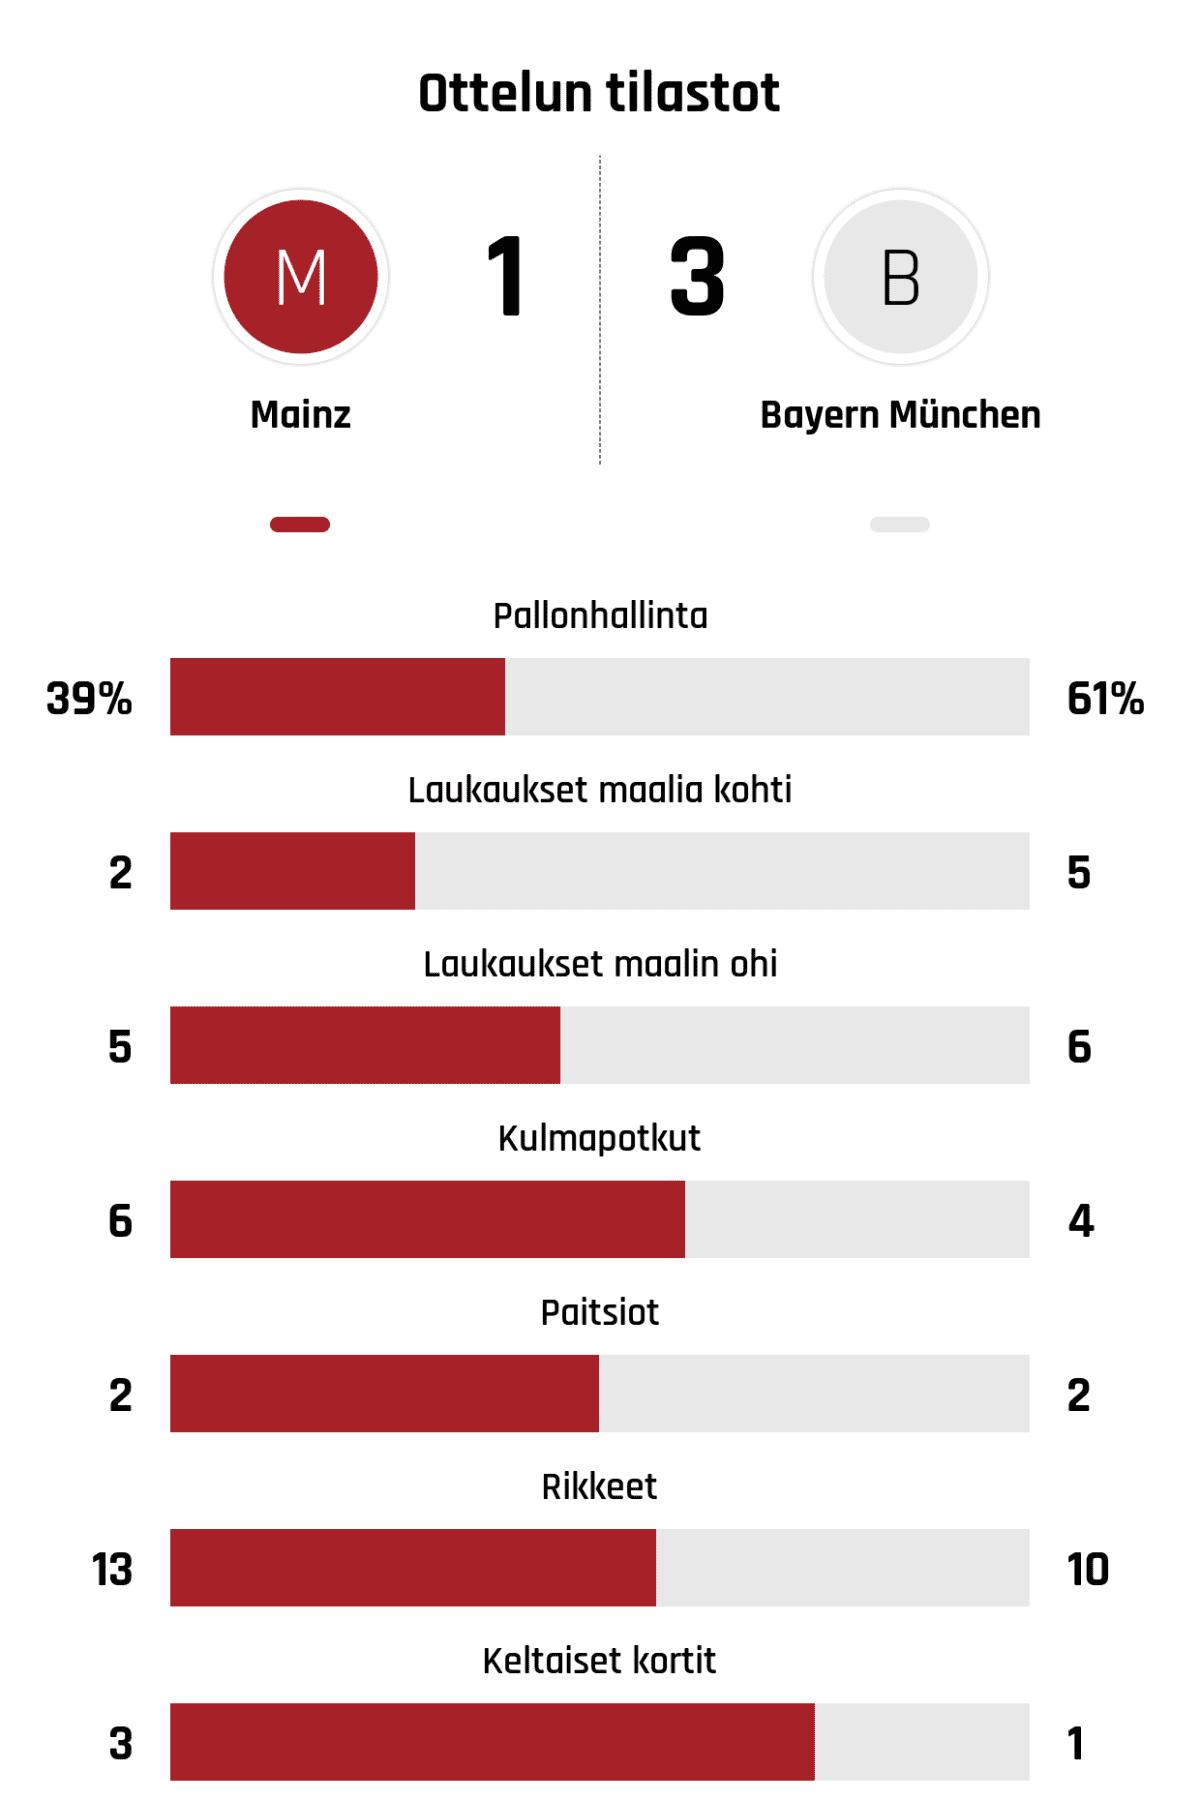 Pallonhallinta 39%-61% Laukaukset maalia kohti 2-5 Laukaukset maalin ohi 5-6 Kulmapotkut 6-4 Paitsiot 2-2 Rikkeet 13-10 Keltaiset kortit 3-1